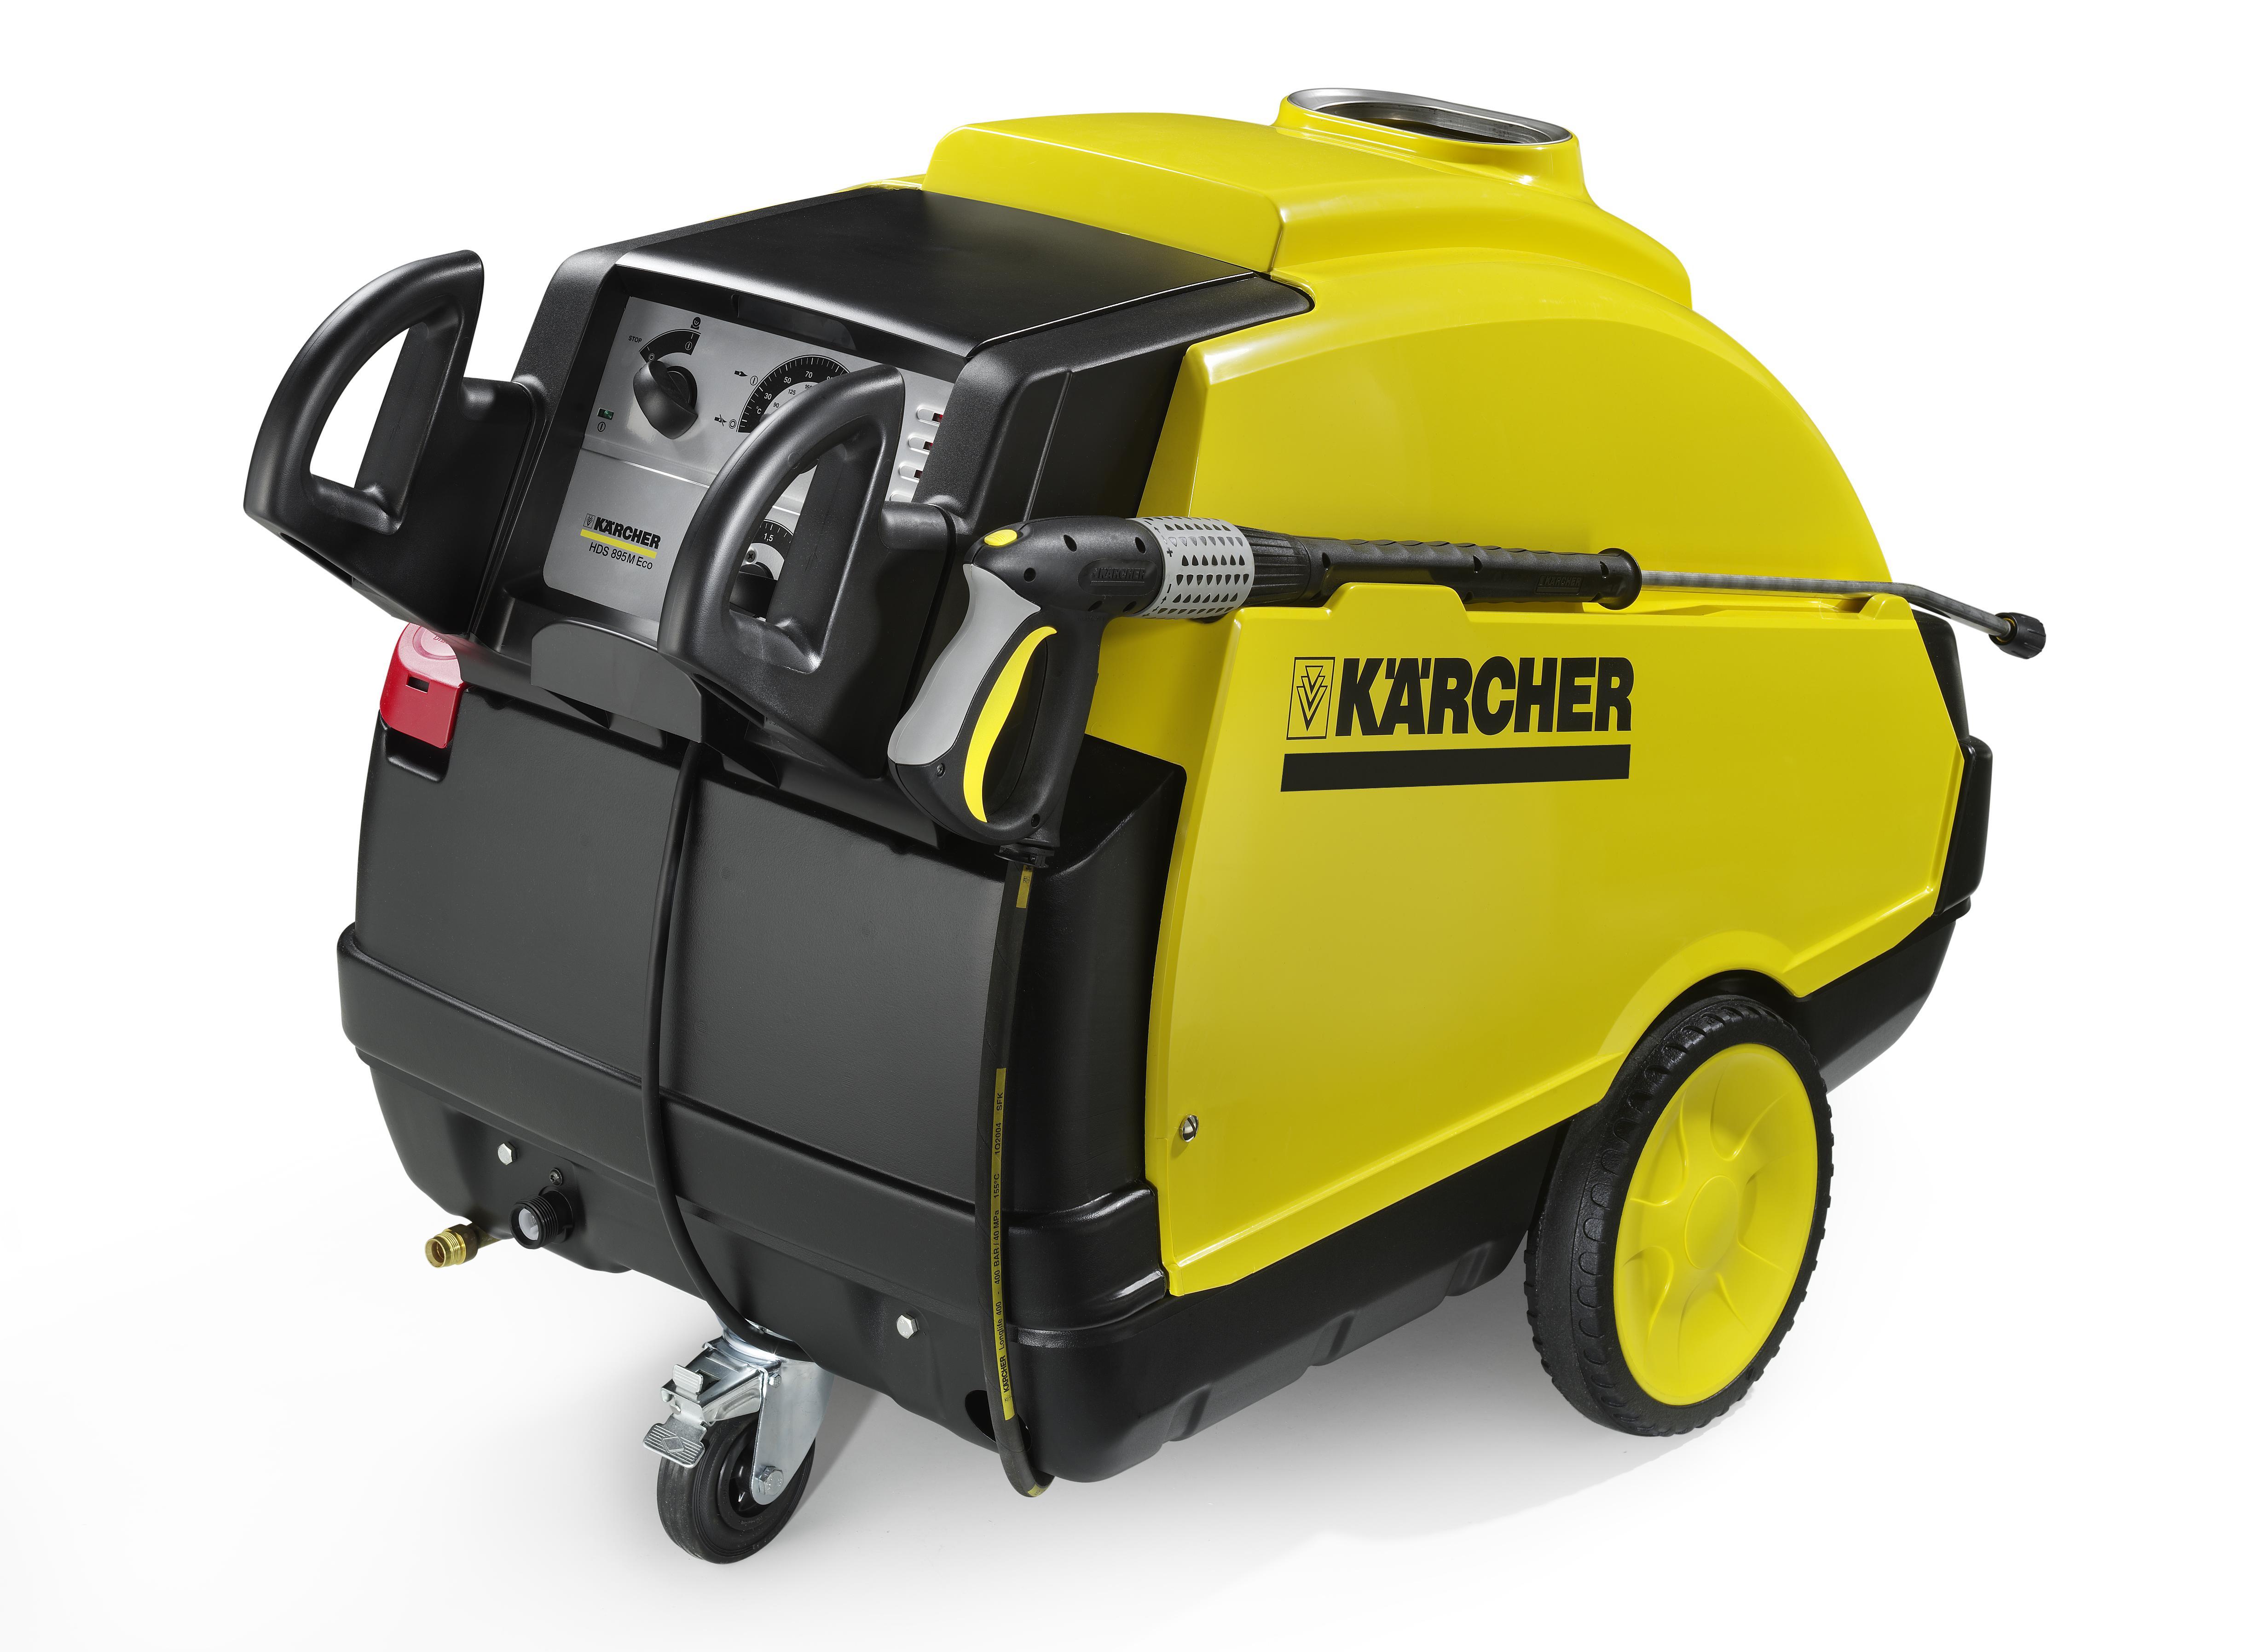 Karcher Hds 10 20 Hot Pressure Washer